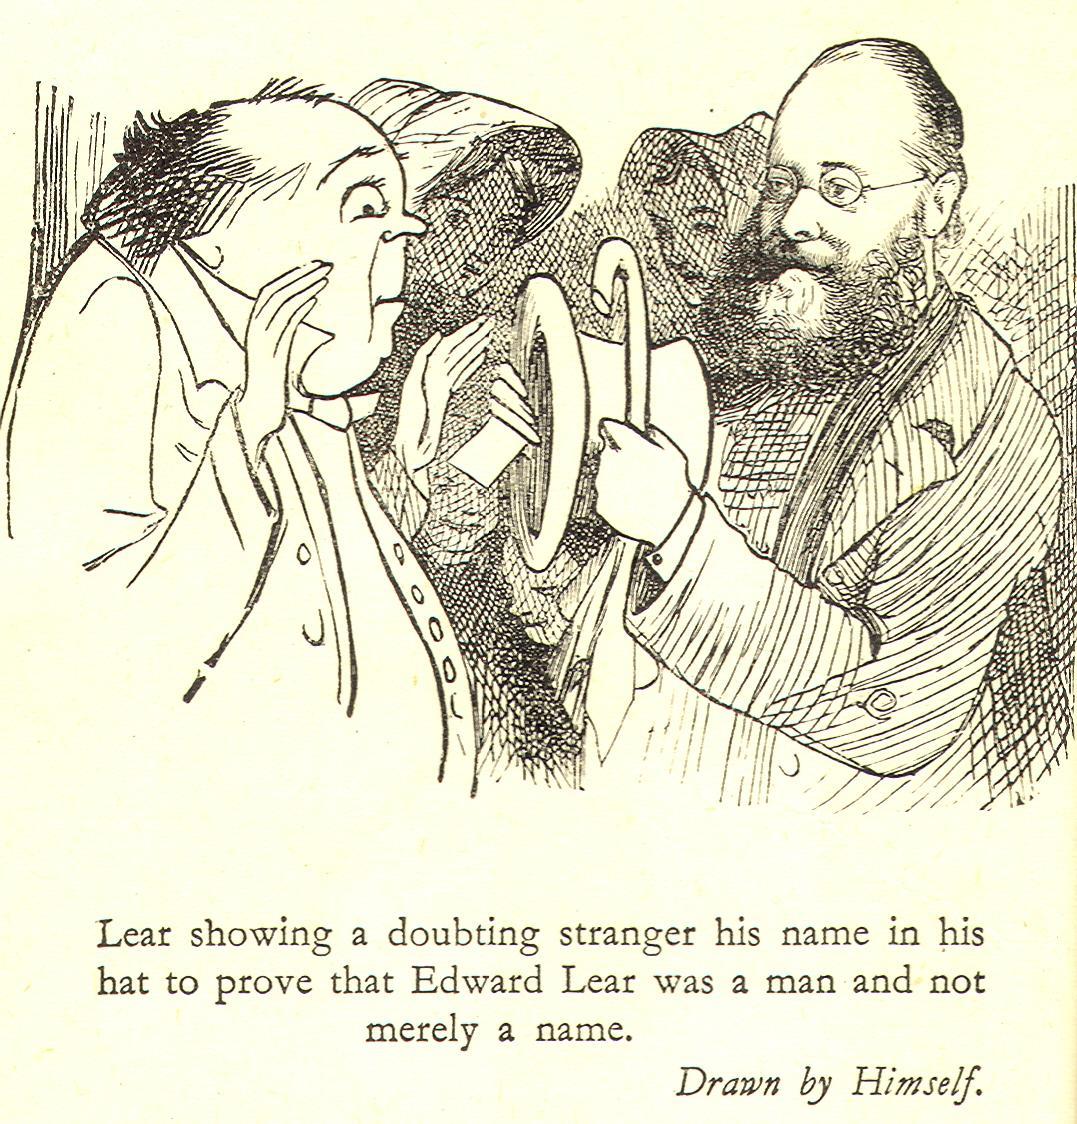 Cartoon of Edward Lear